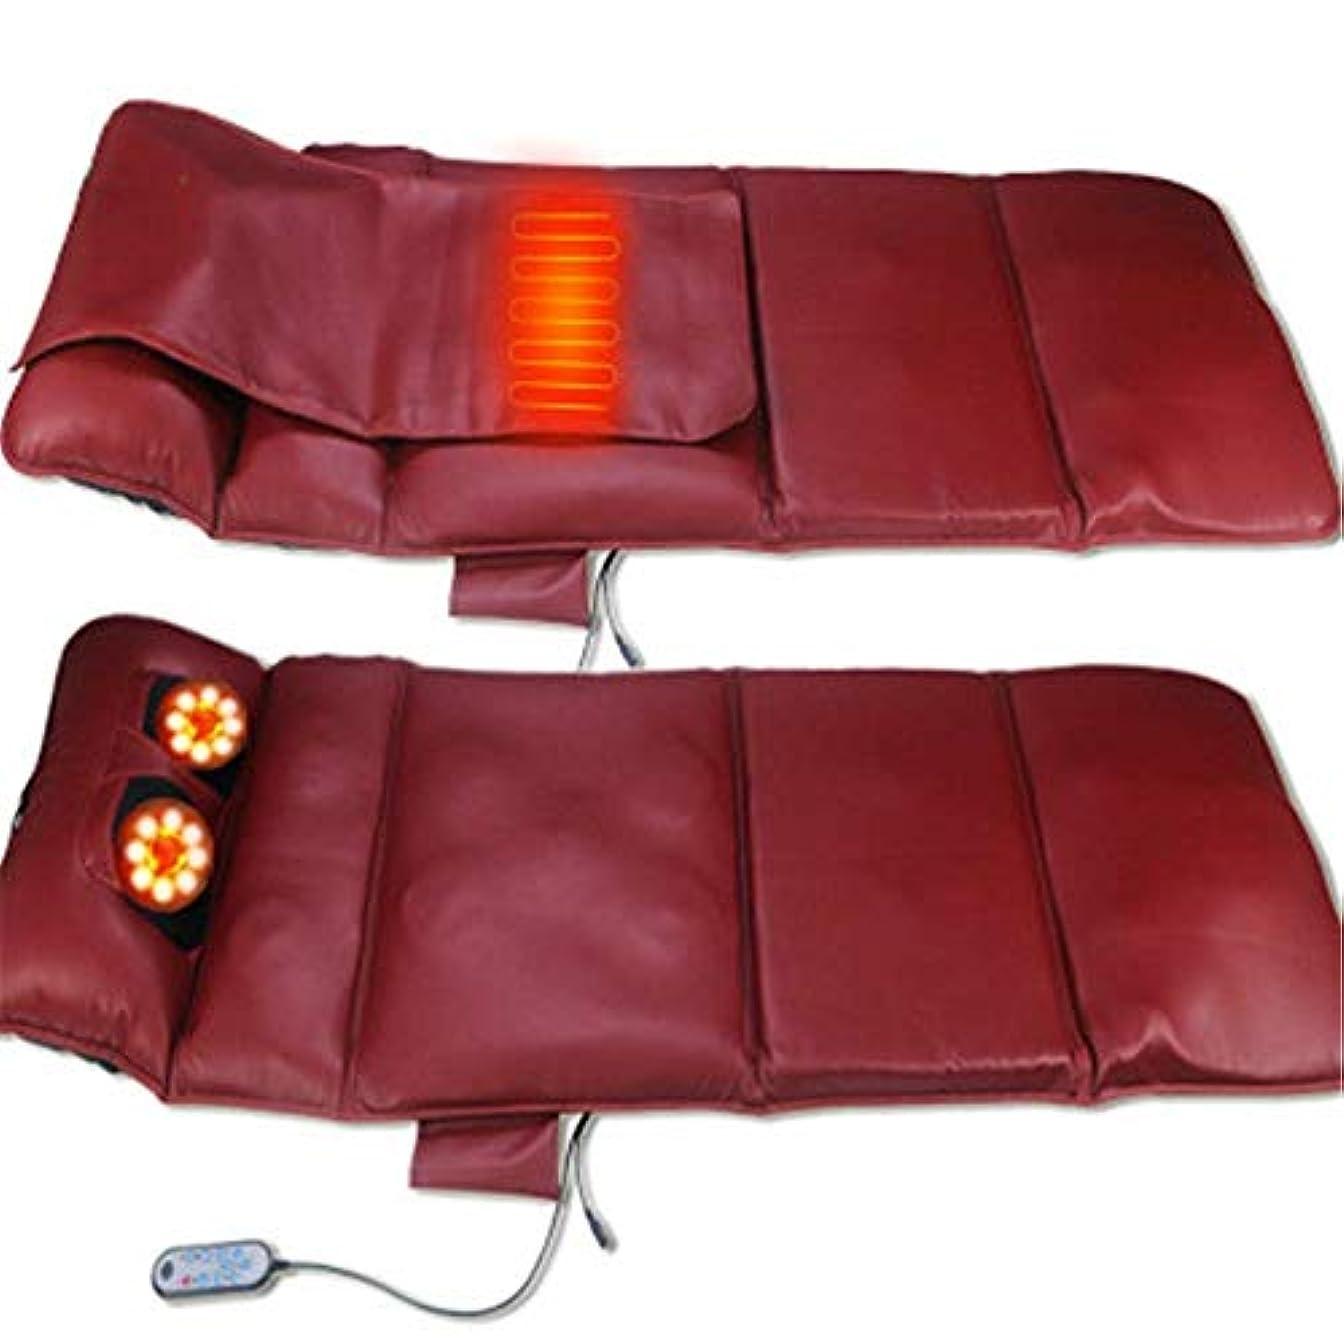 チーター慎重高さリラックス健康マットレス電気マッサージマット暖房理学療法ボディの痛みを軽減するマッサージマットエアバッグマッサージマットレス,ブラウン